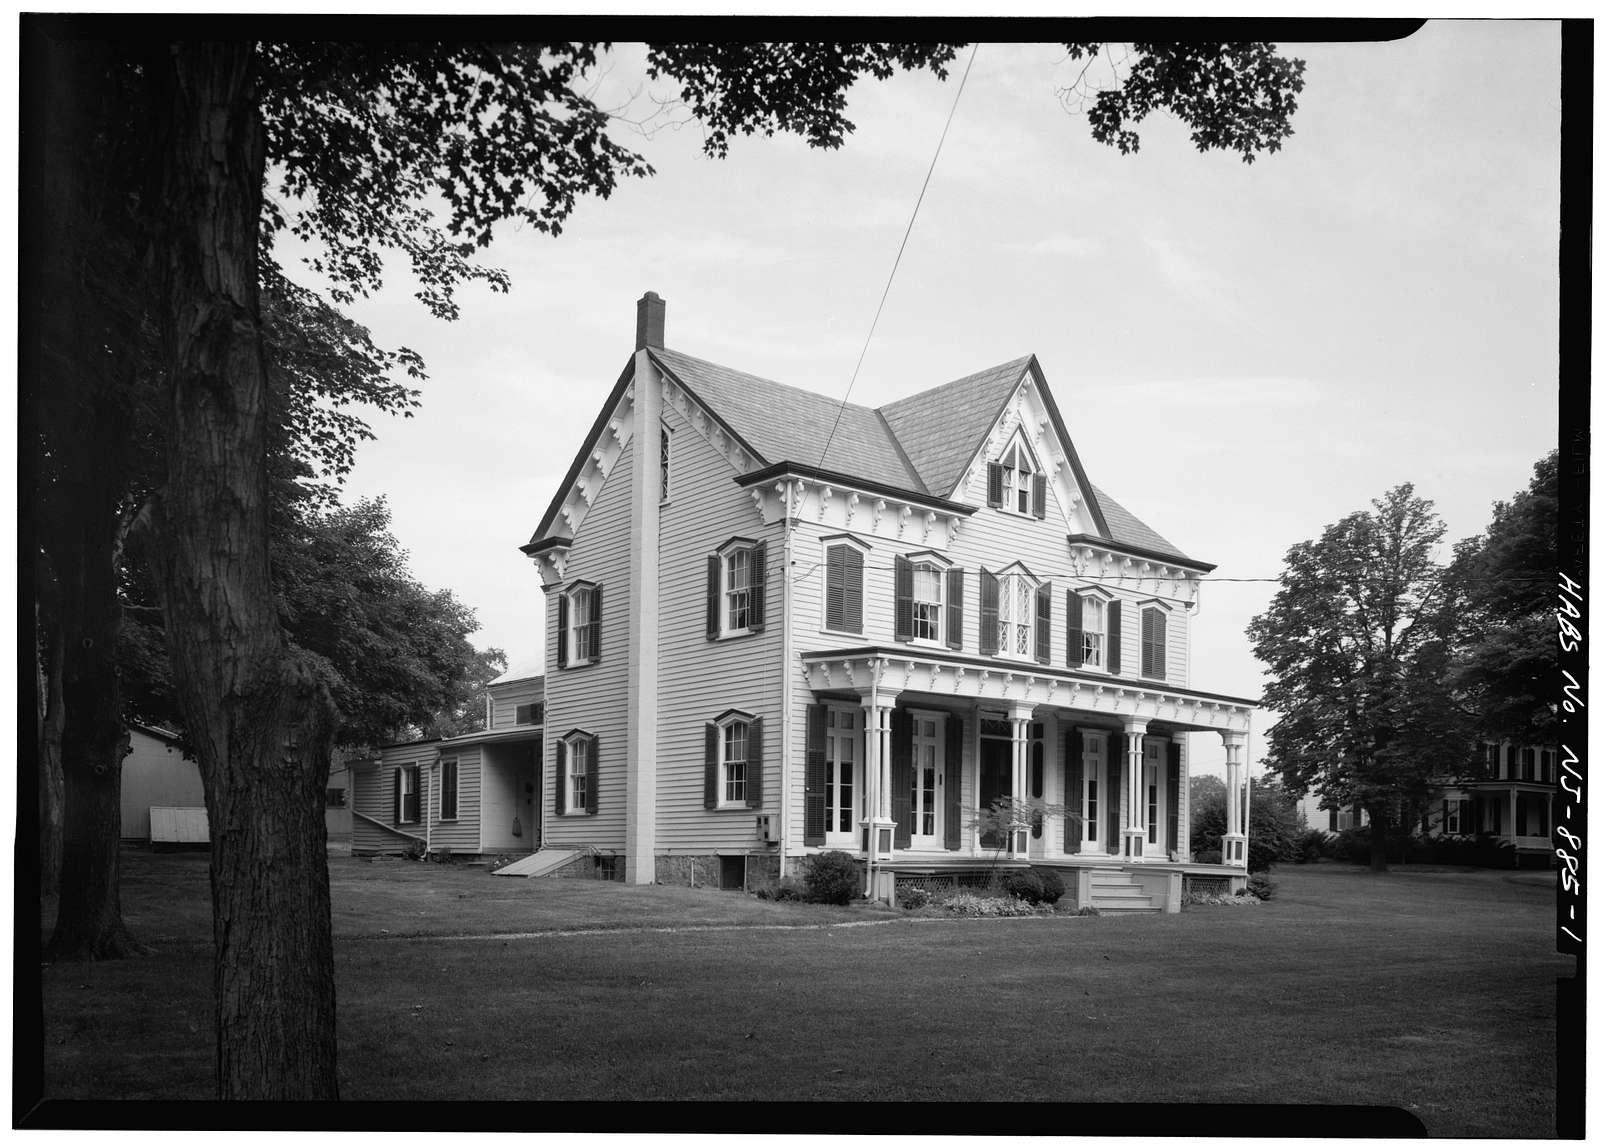 Stryker House, High Street, Oldwick, Hunterdon County, NJ